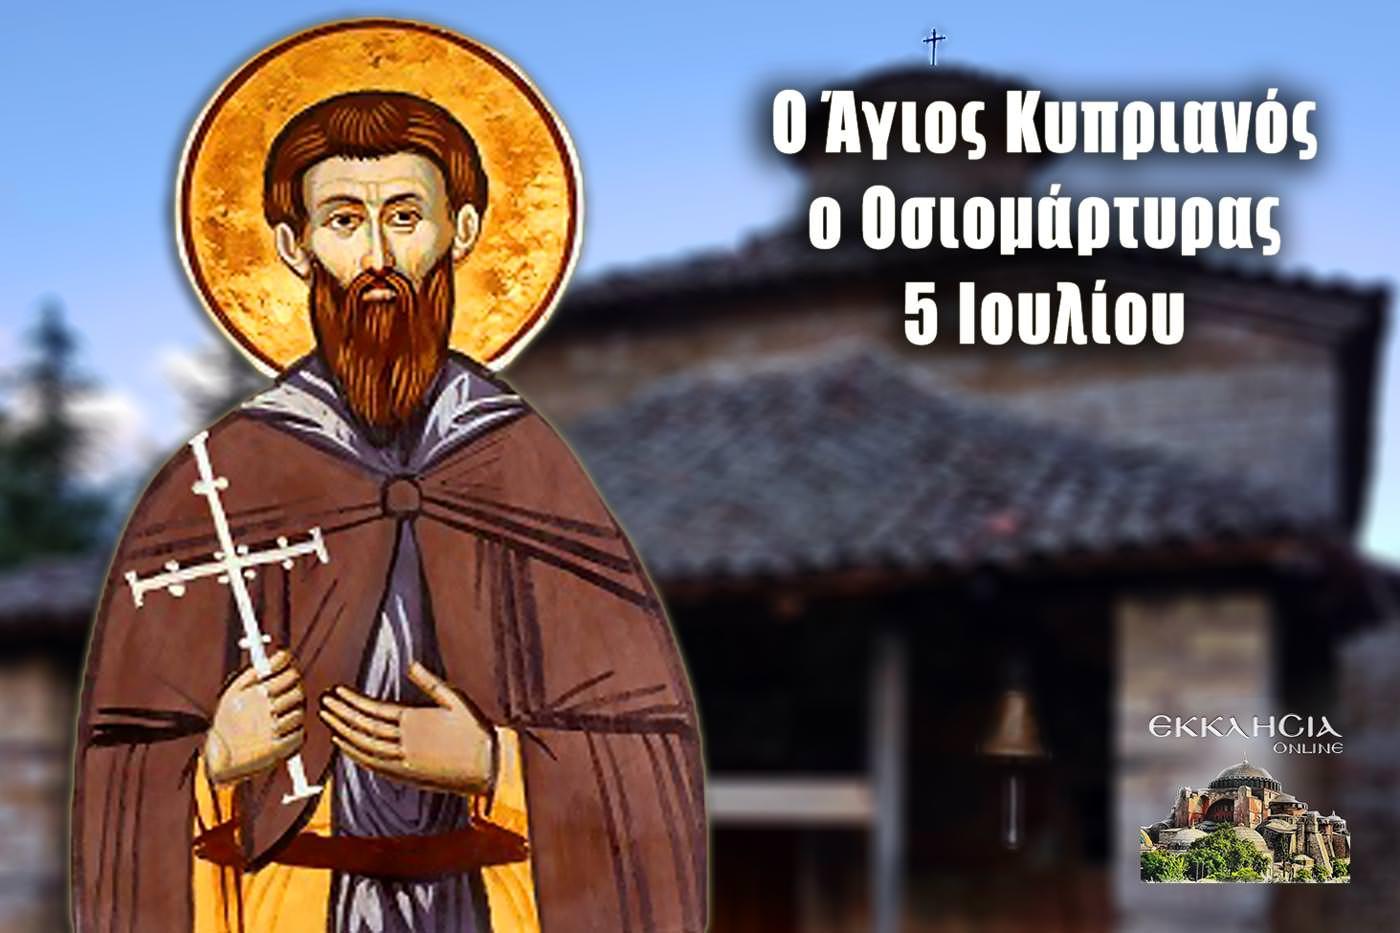 Άγιος Κυπριανός ο νέος οσιομάρτυρας 5 Ιουλίου